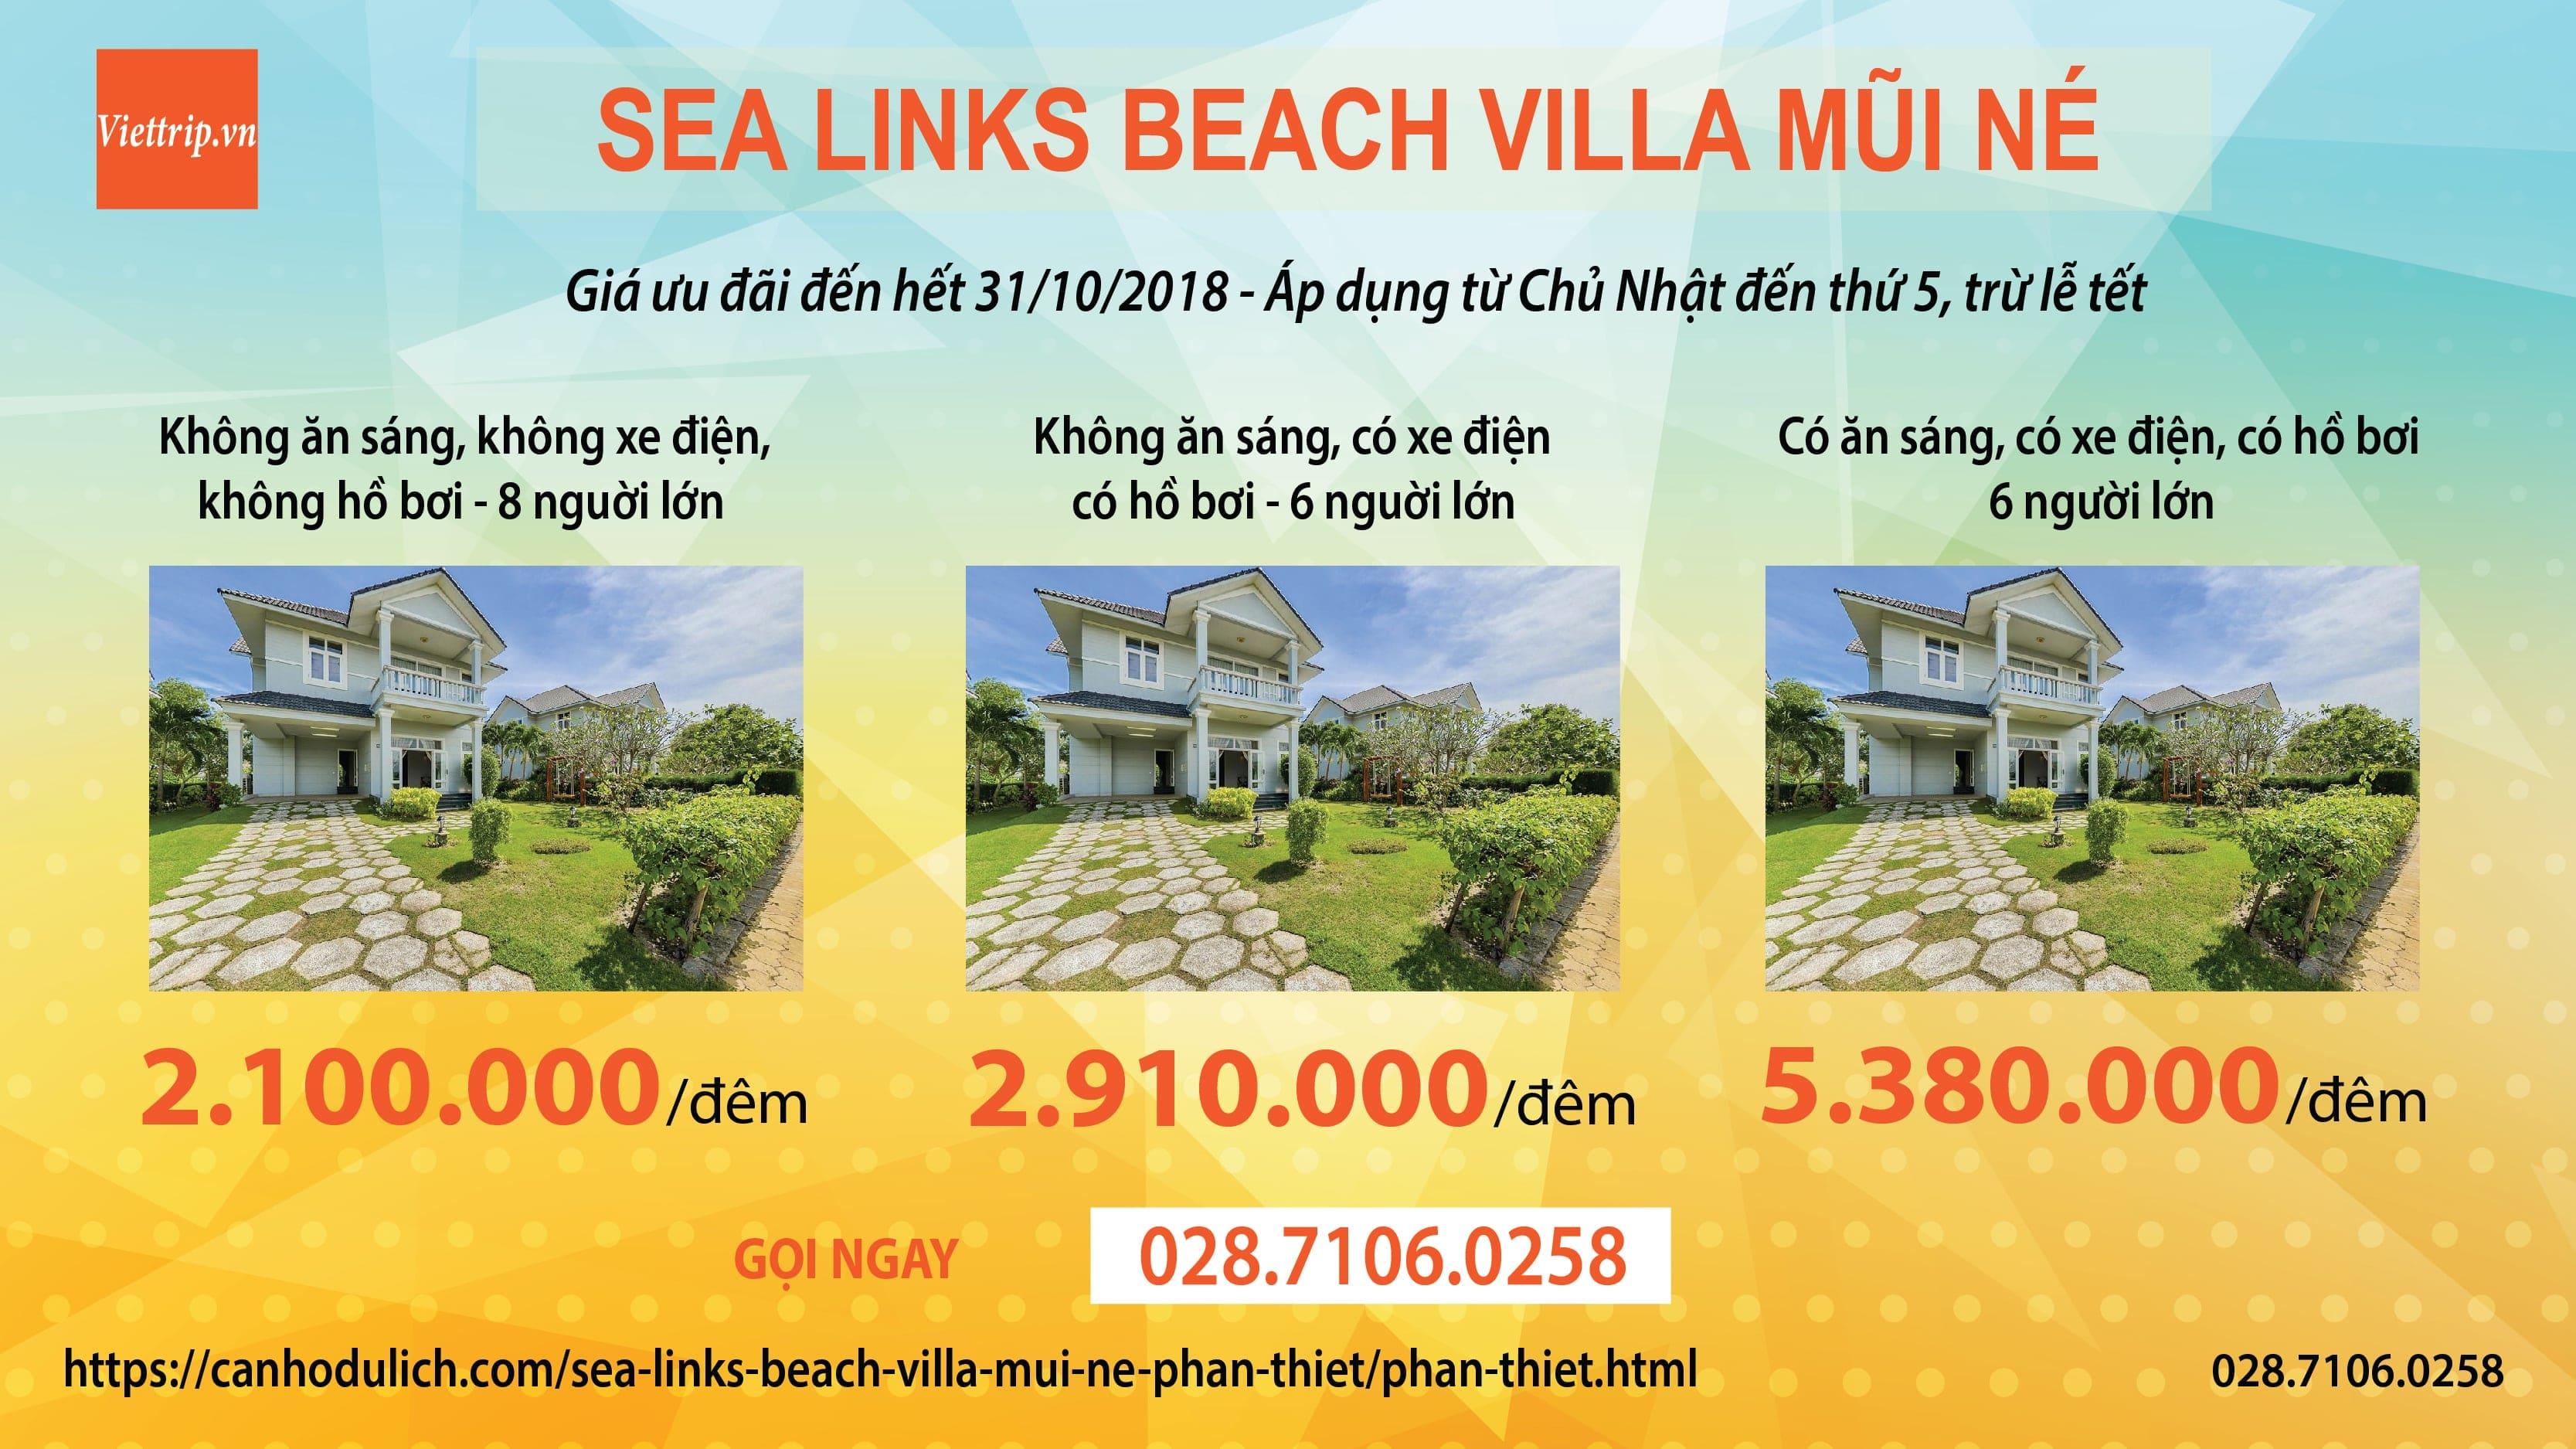 Sea Links Beach Hotel Mũi Né